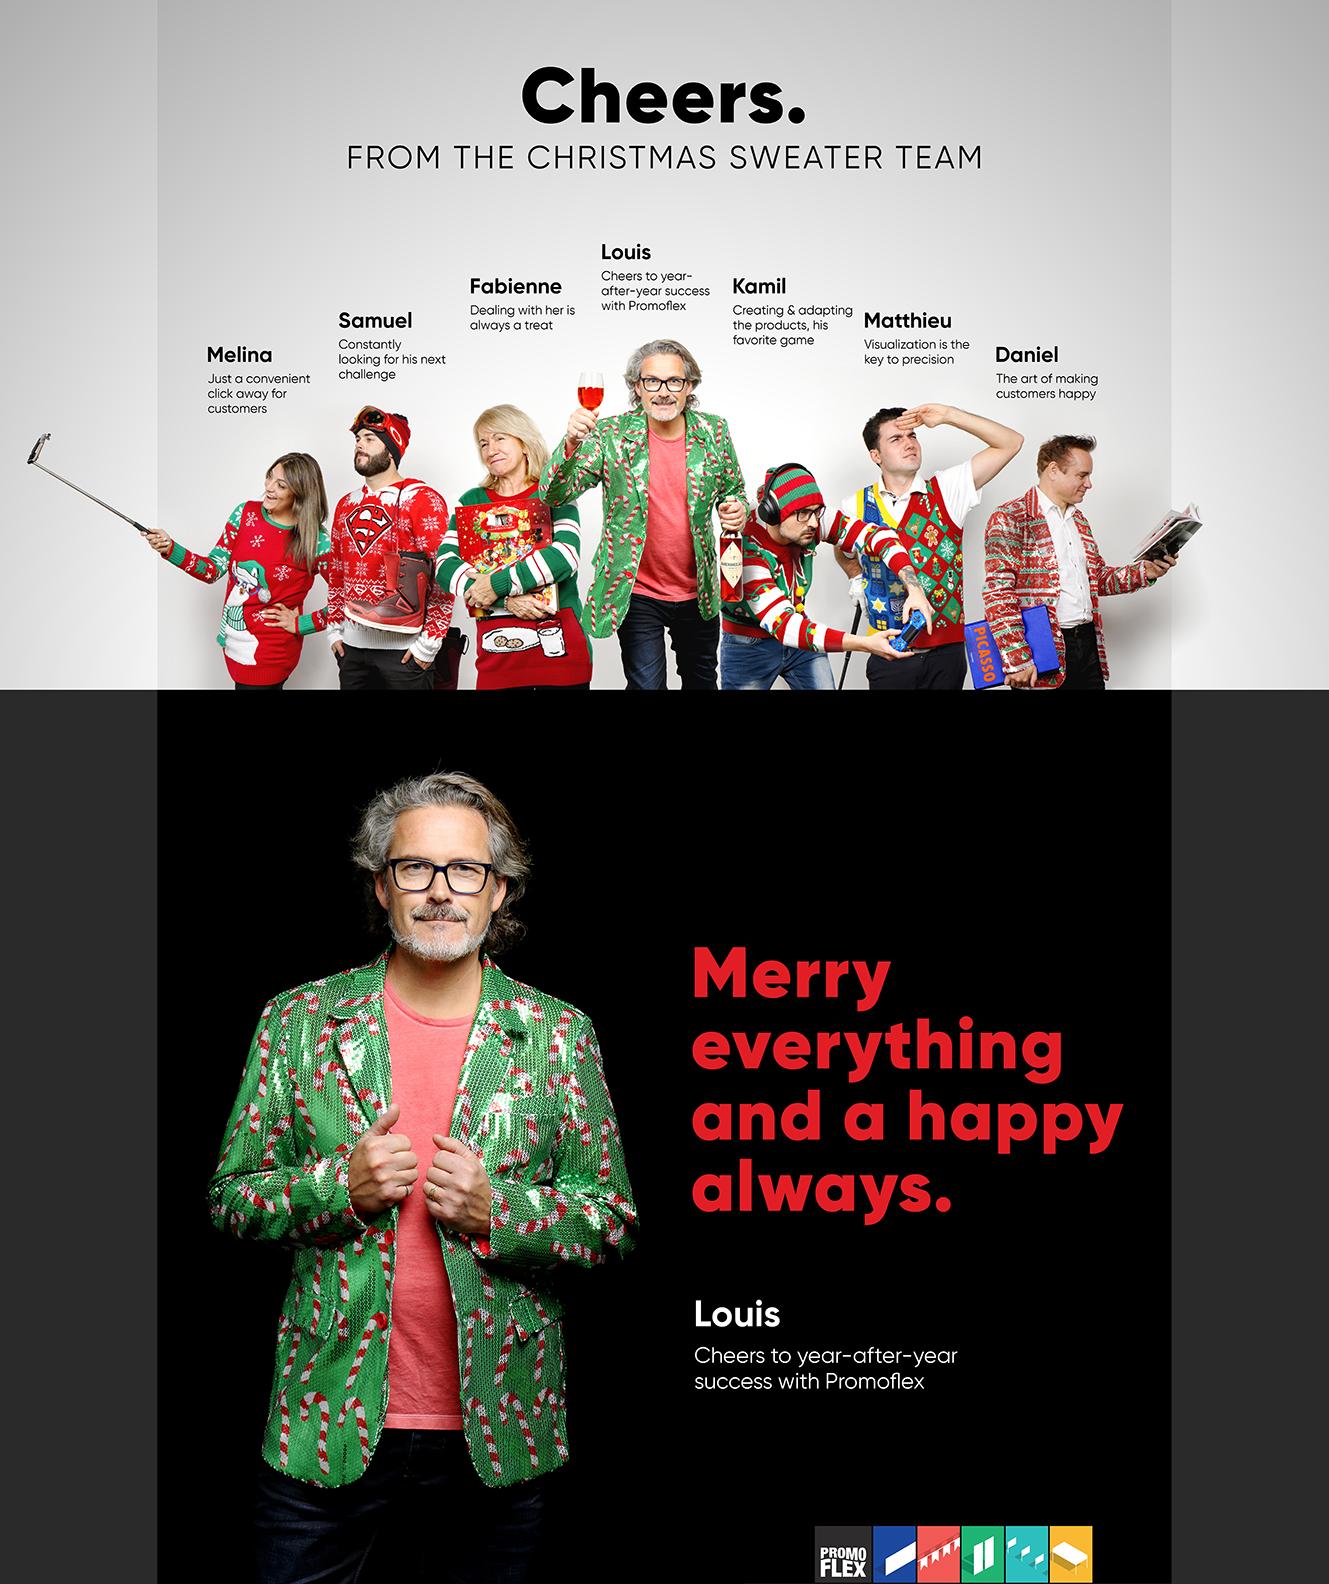 Holiday_sending_2018_grp_louis_en.jpg (1.00 MB)